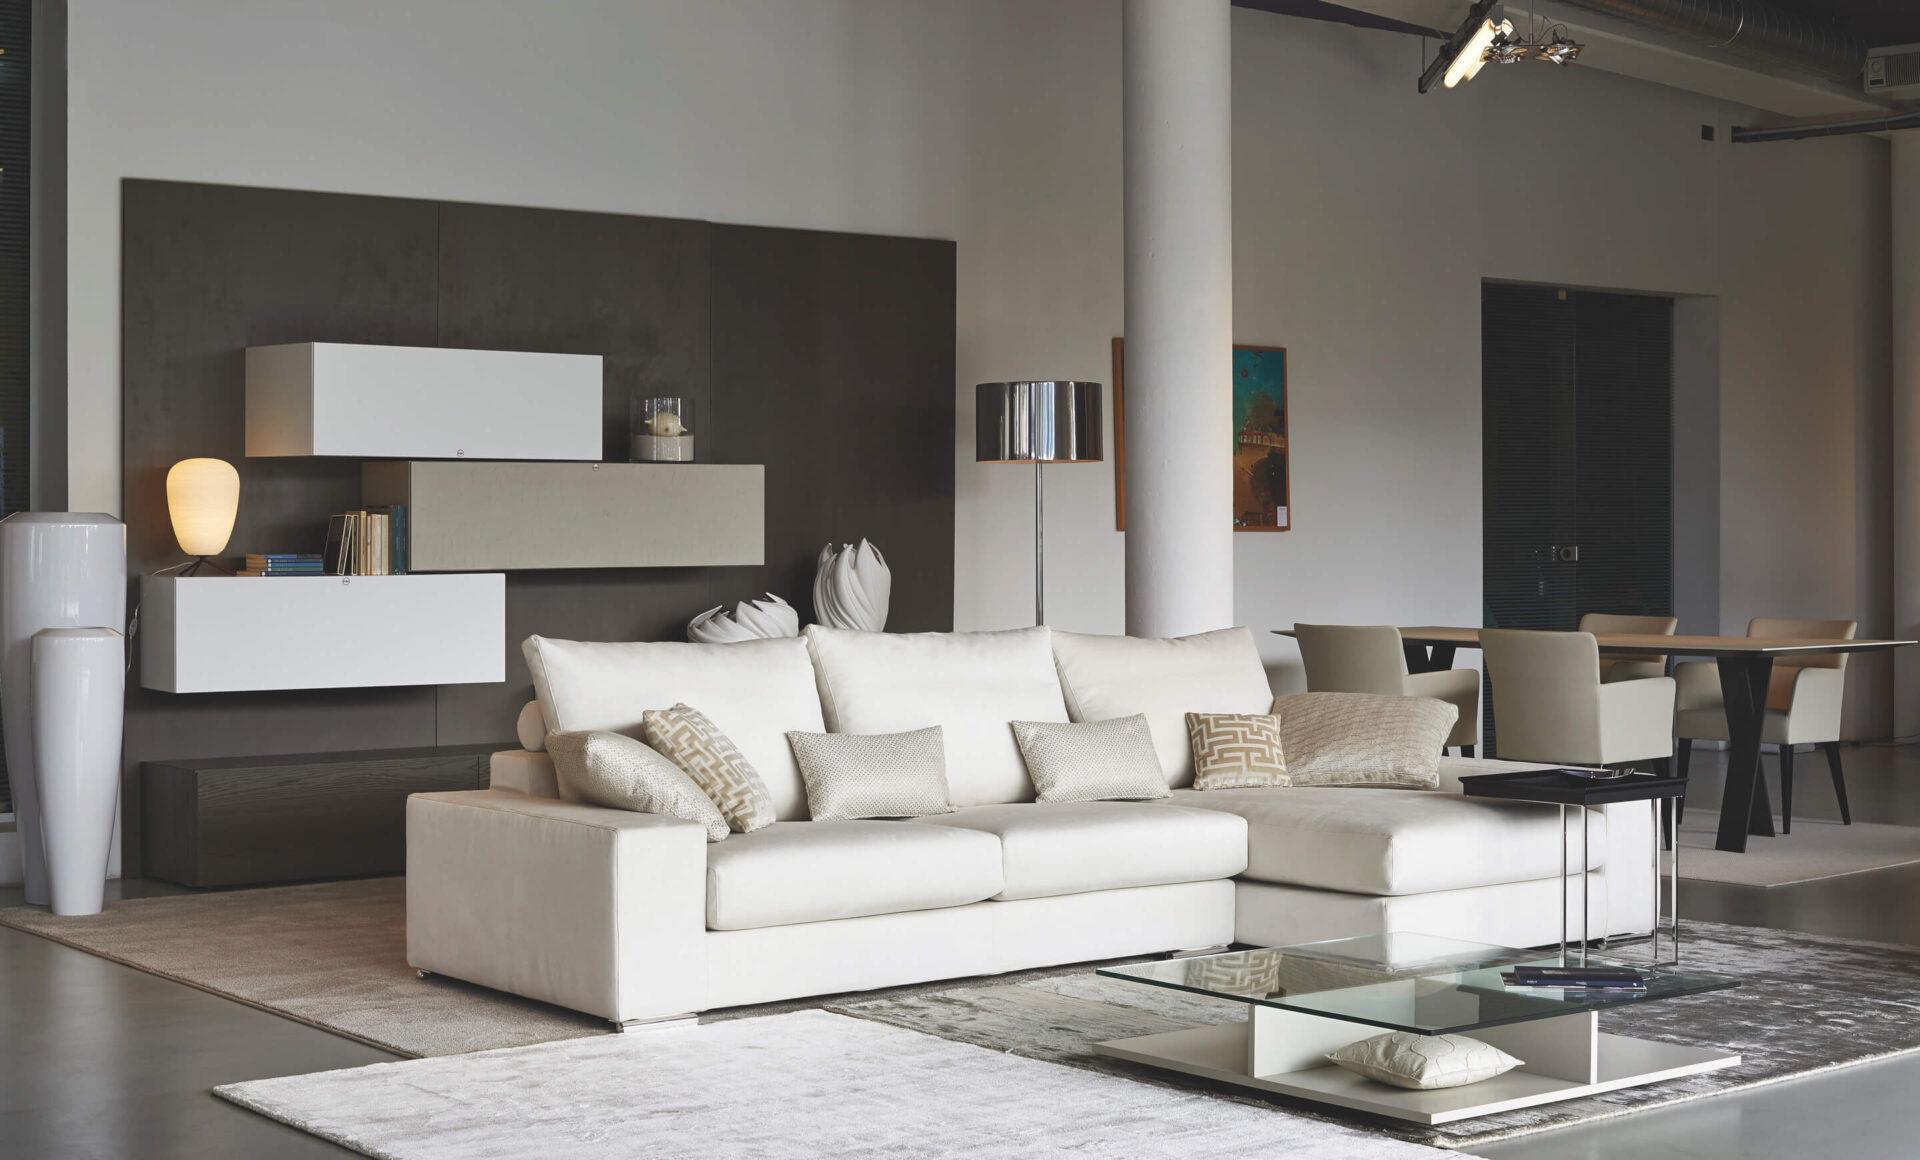 mazzoli divani - 28 images - intro immagine mazzoli divani di qualit ...